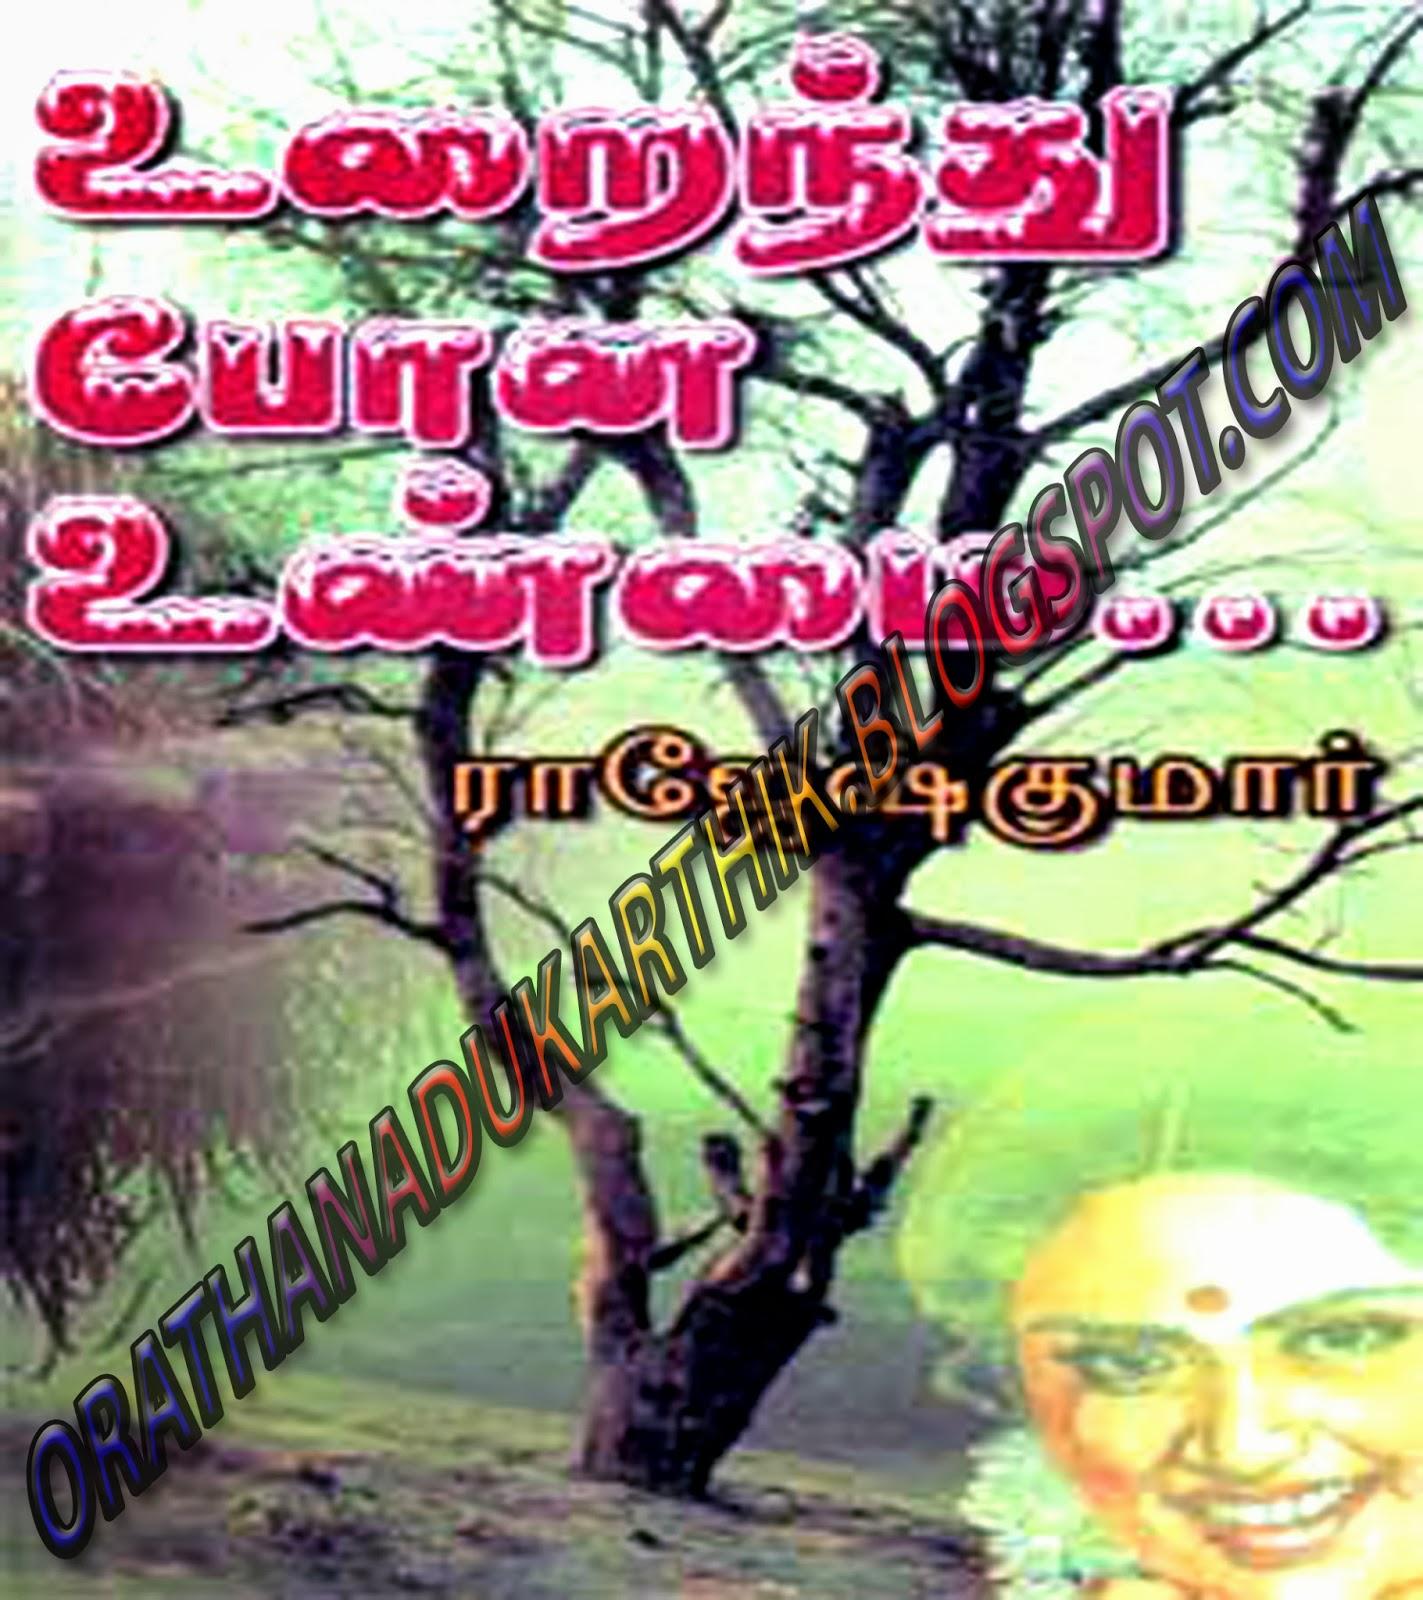 உறைந்து போன உண்மை -ராஜேஷ்குமார் நாவல்  RK